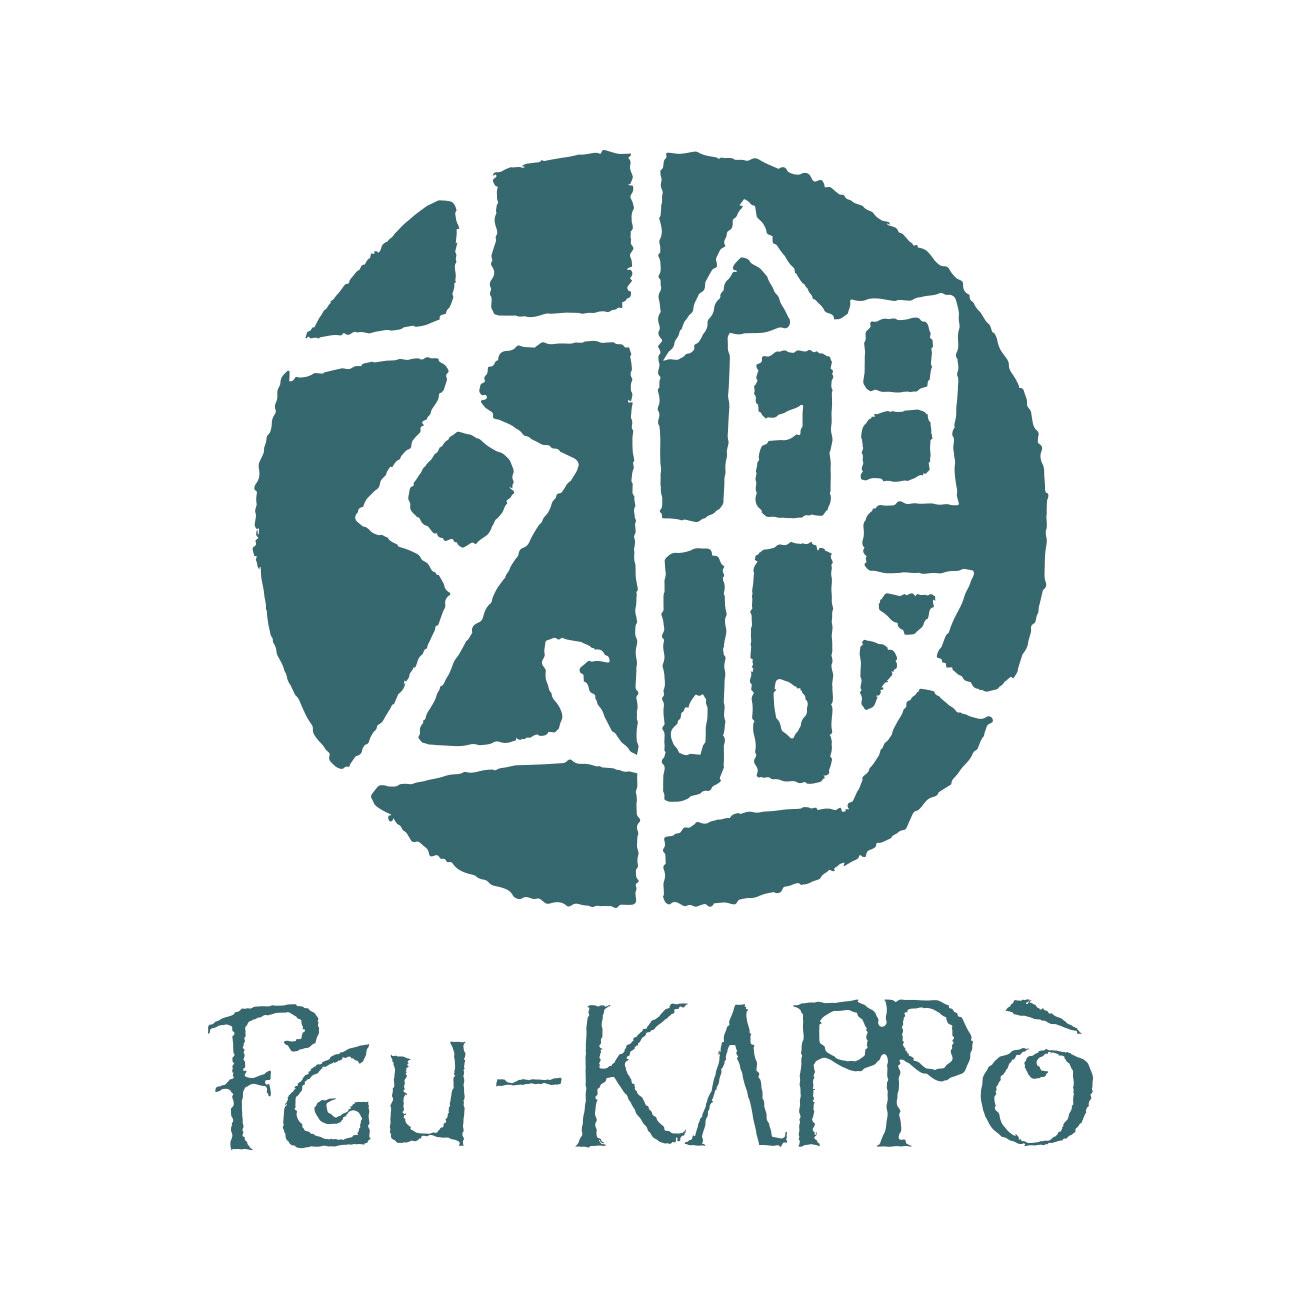 北新地ふぐ割烹<br>FGU-KAPPO玄銀<span>ふぐに無限の広がりを<br>大阪北新地の玄品新ブランド</span><ul><li></li><li></li><li></li><li></li><li>新店舗</li></ul>